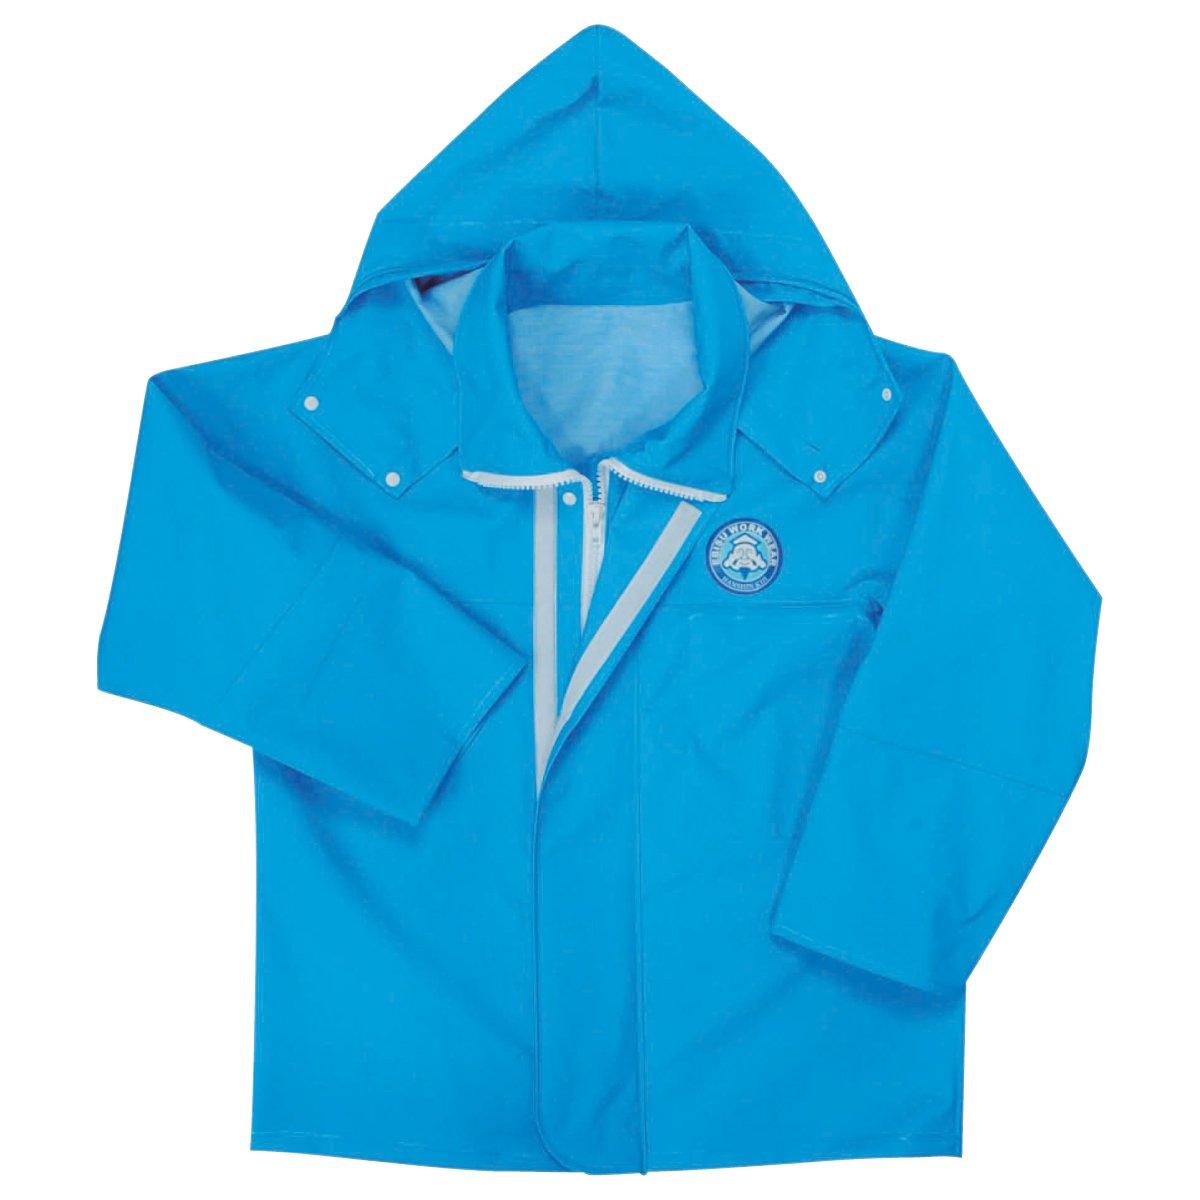 [エビス] レイン ジャケット RA-96 B008FDROYY S|ブルー ブルー S